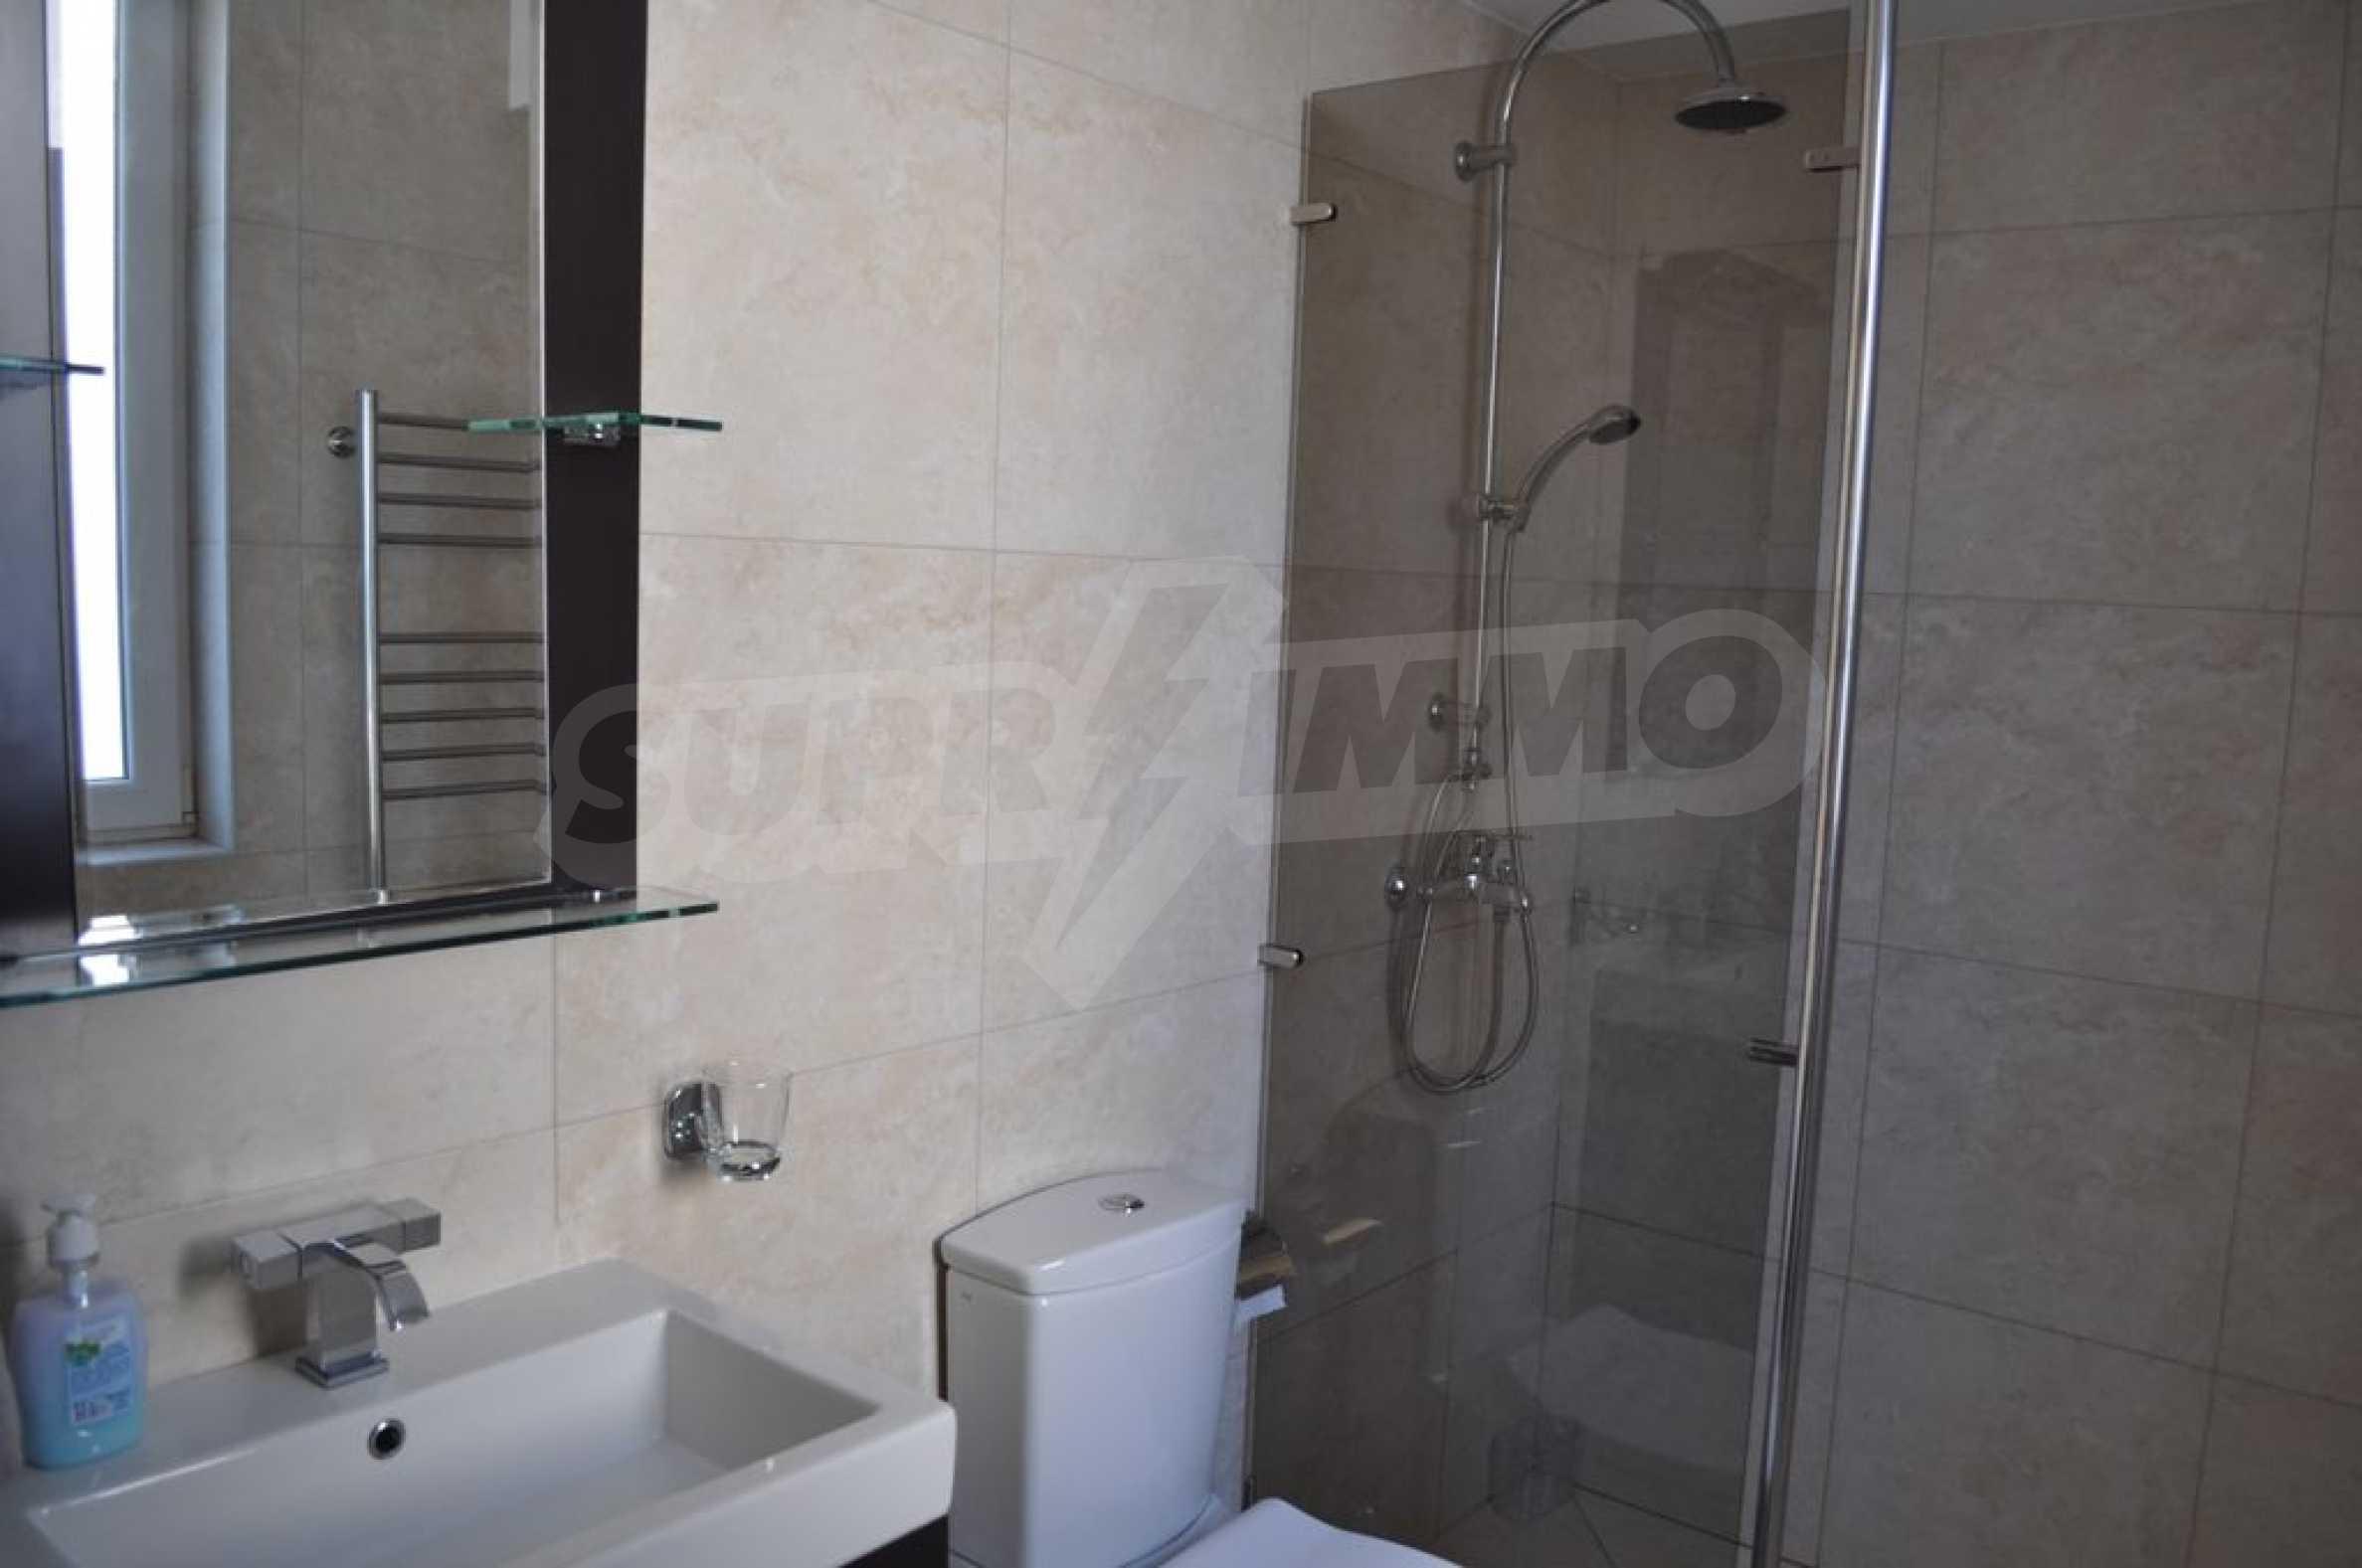 Luxusvilla mit 4 Schlafzimmern zu vermieten in der Nähe des Resorts. Albena 18